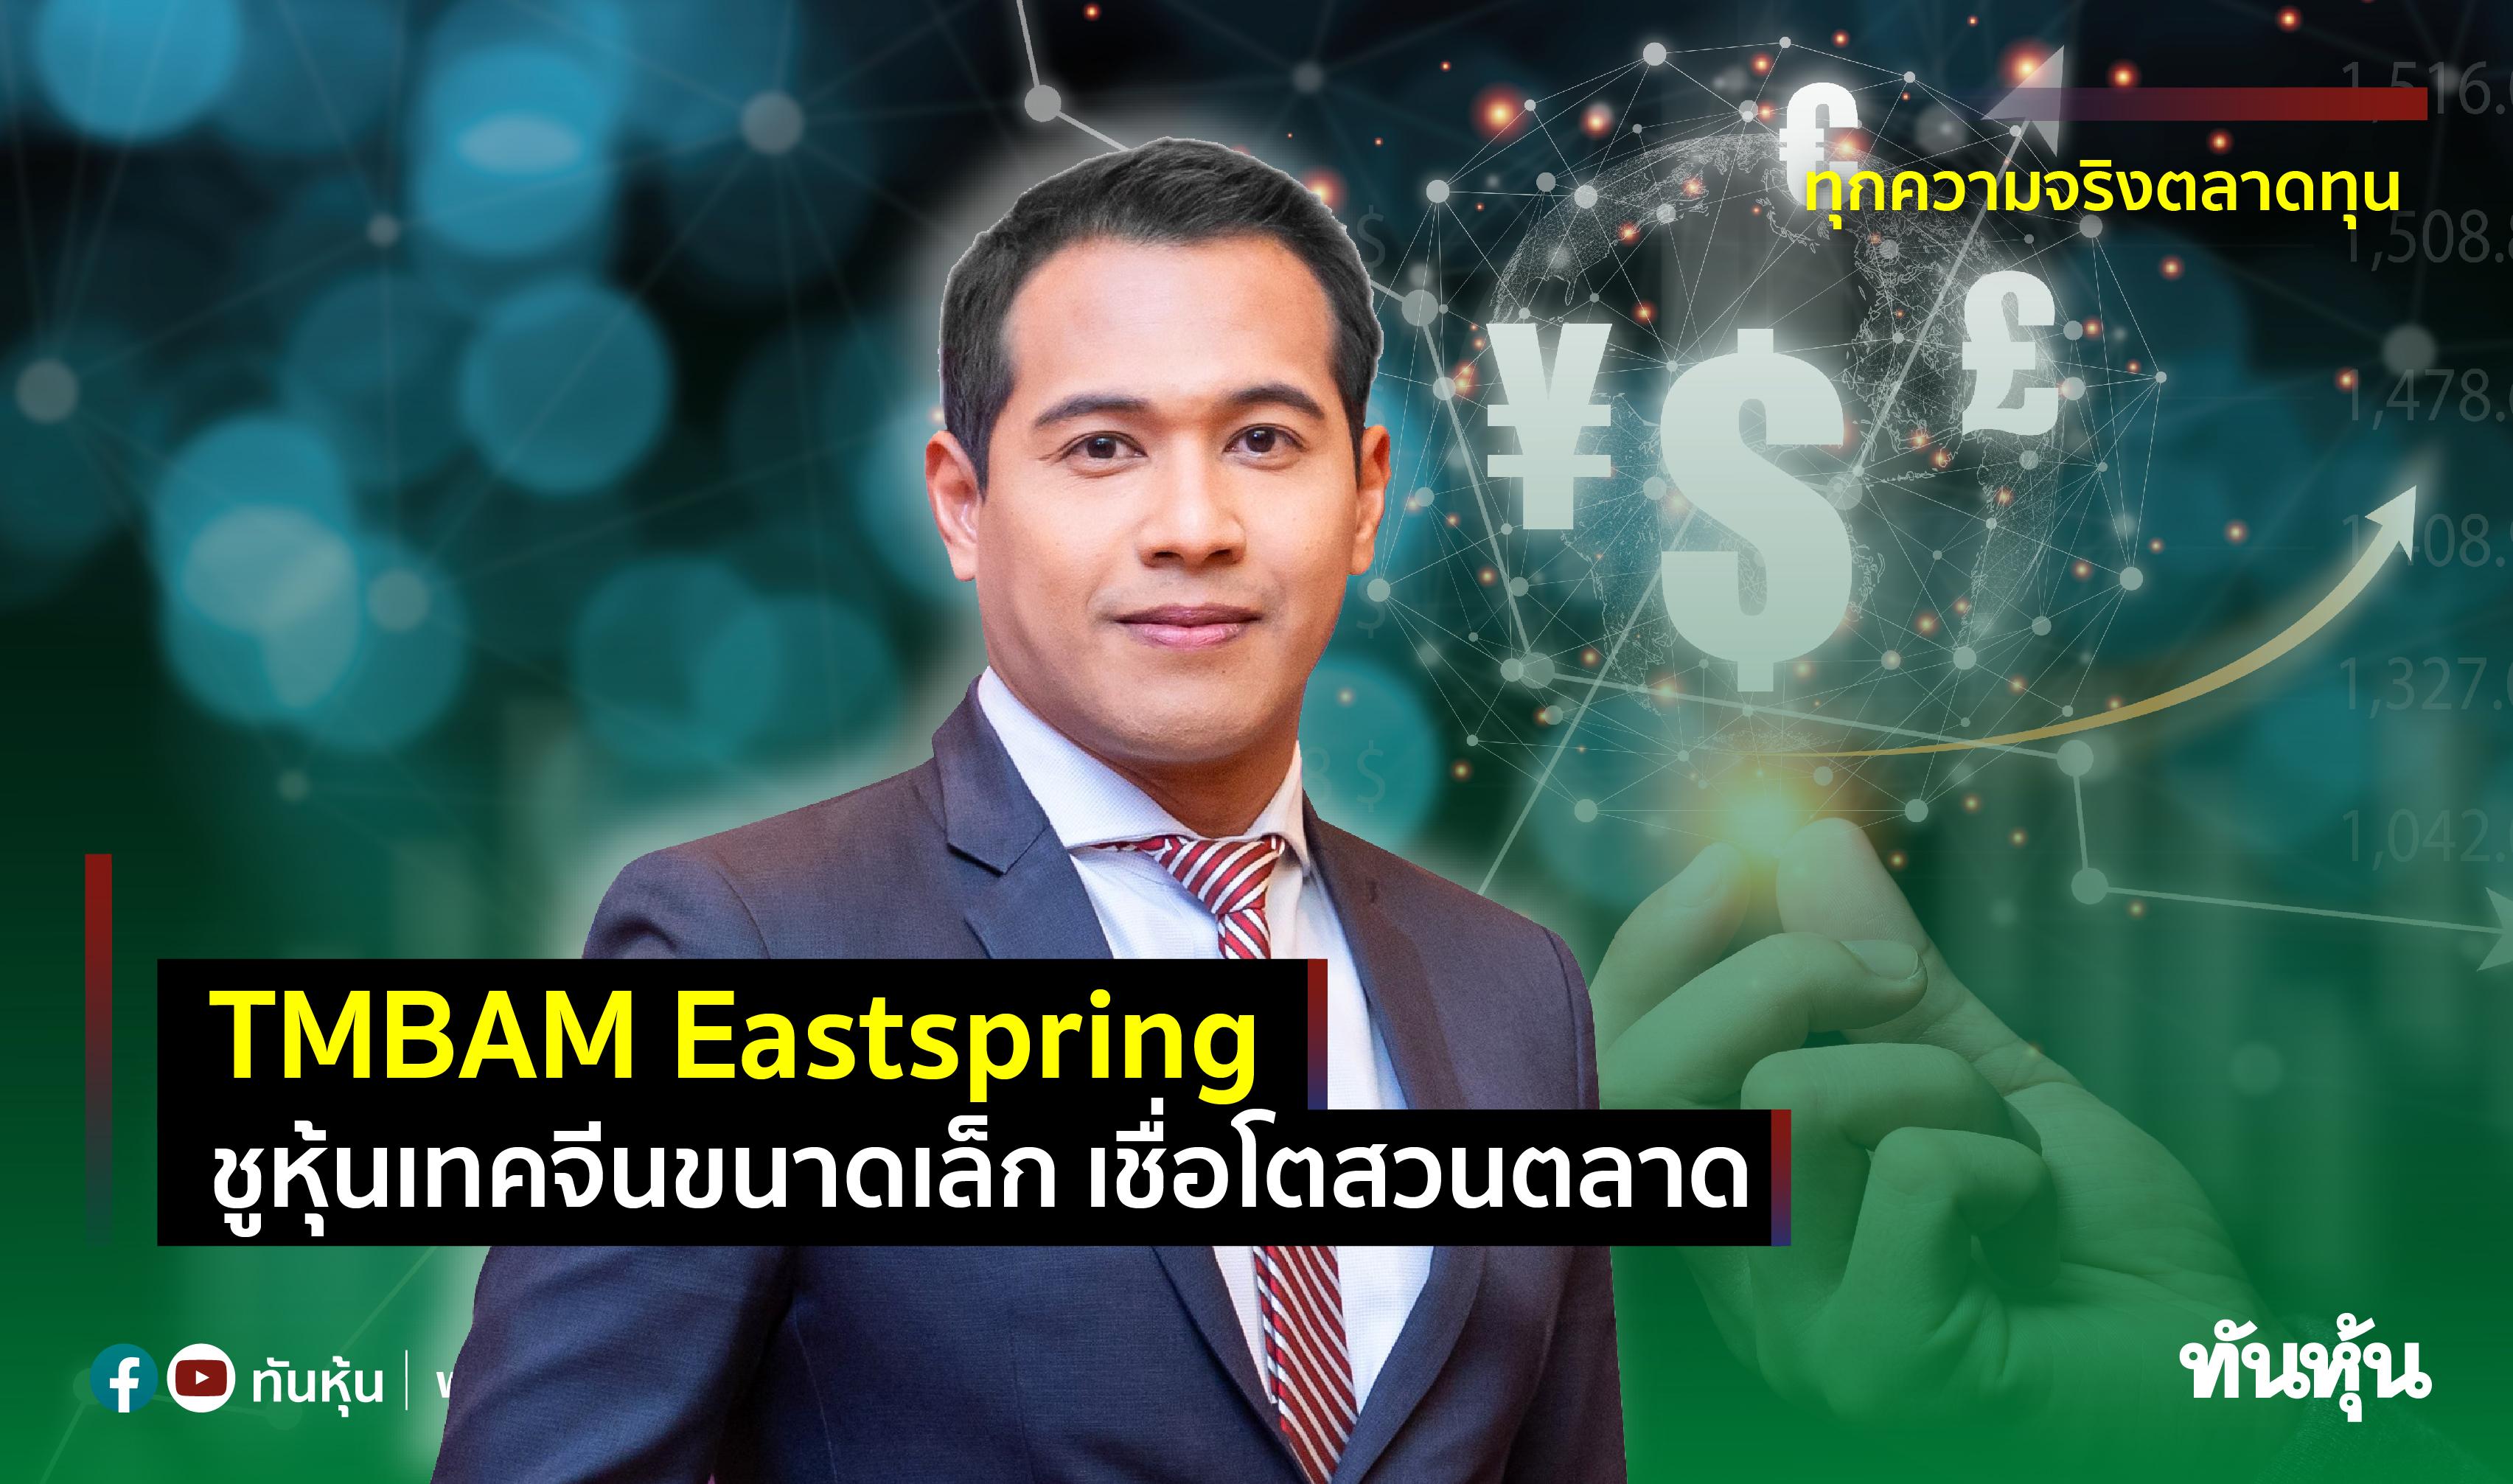 TMBAM Eastspring ชูหุ้นเทคจีนขนาดเล็ก เชื่อโตสวนตลาด